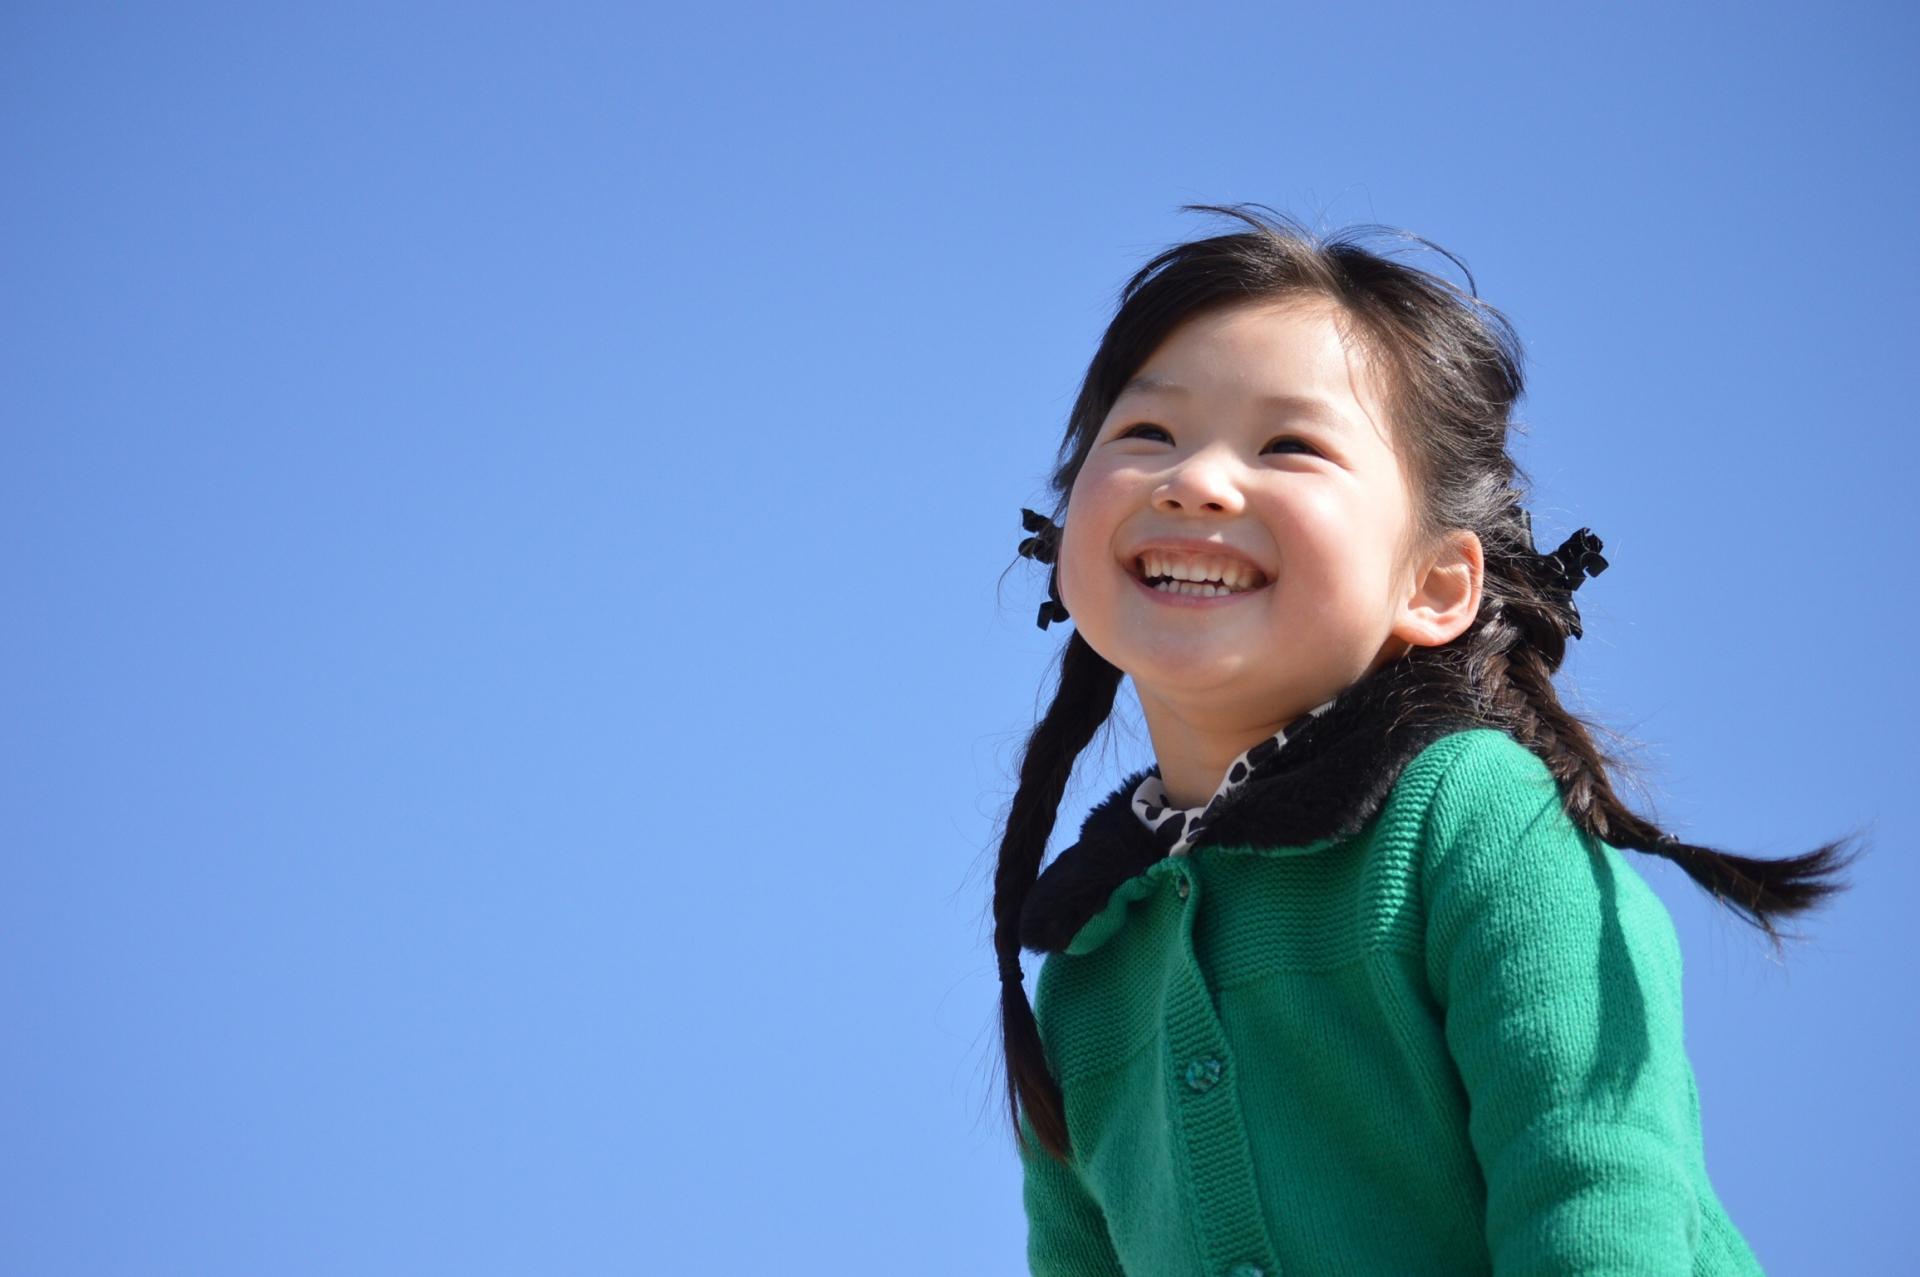 養育費について佐久市の長野離婚協議書作成相談サポートが解説